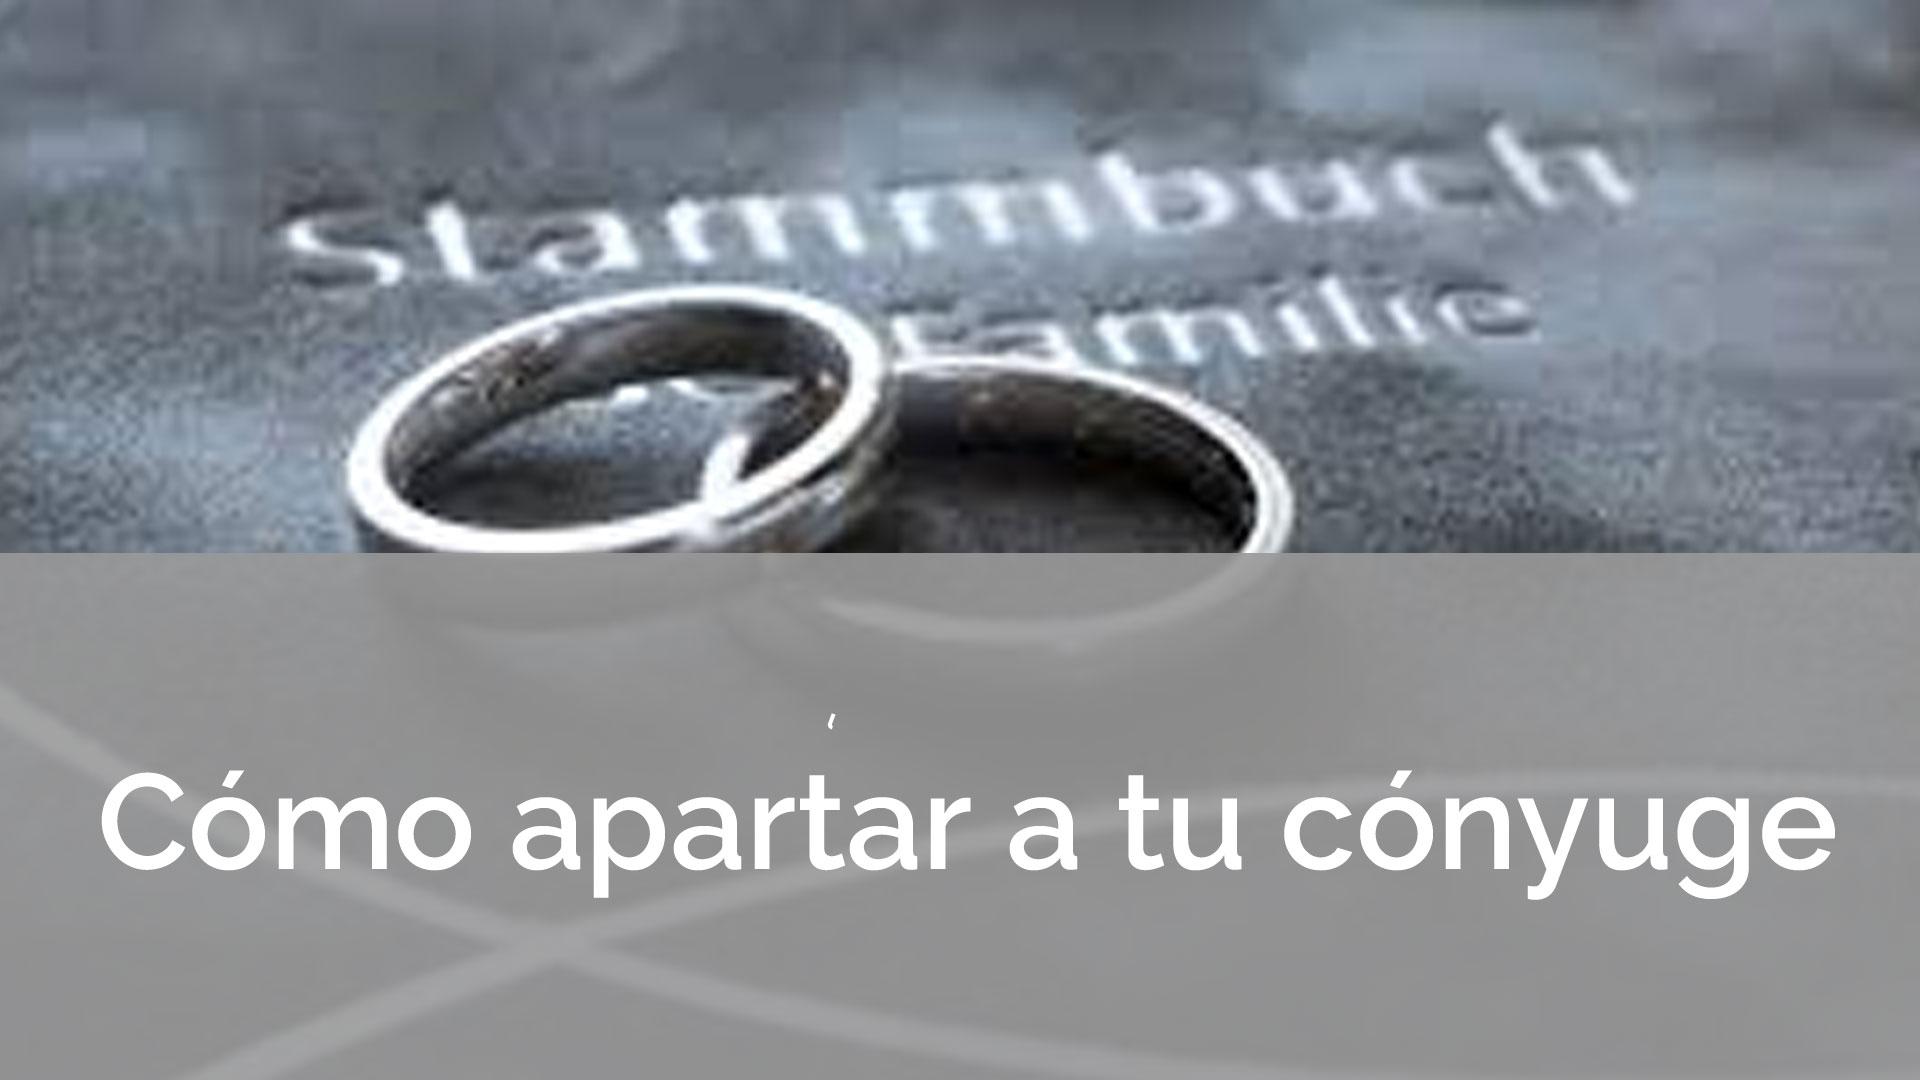 El Matrimonio Santa Biblia : El propósito fundamental del matrimonio iglesia de dios unida